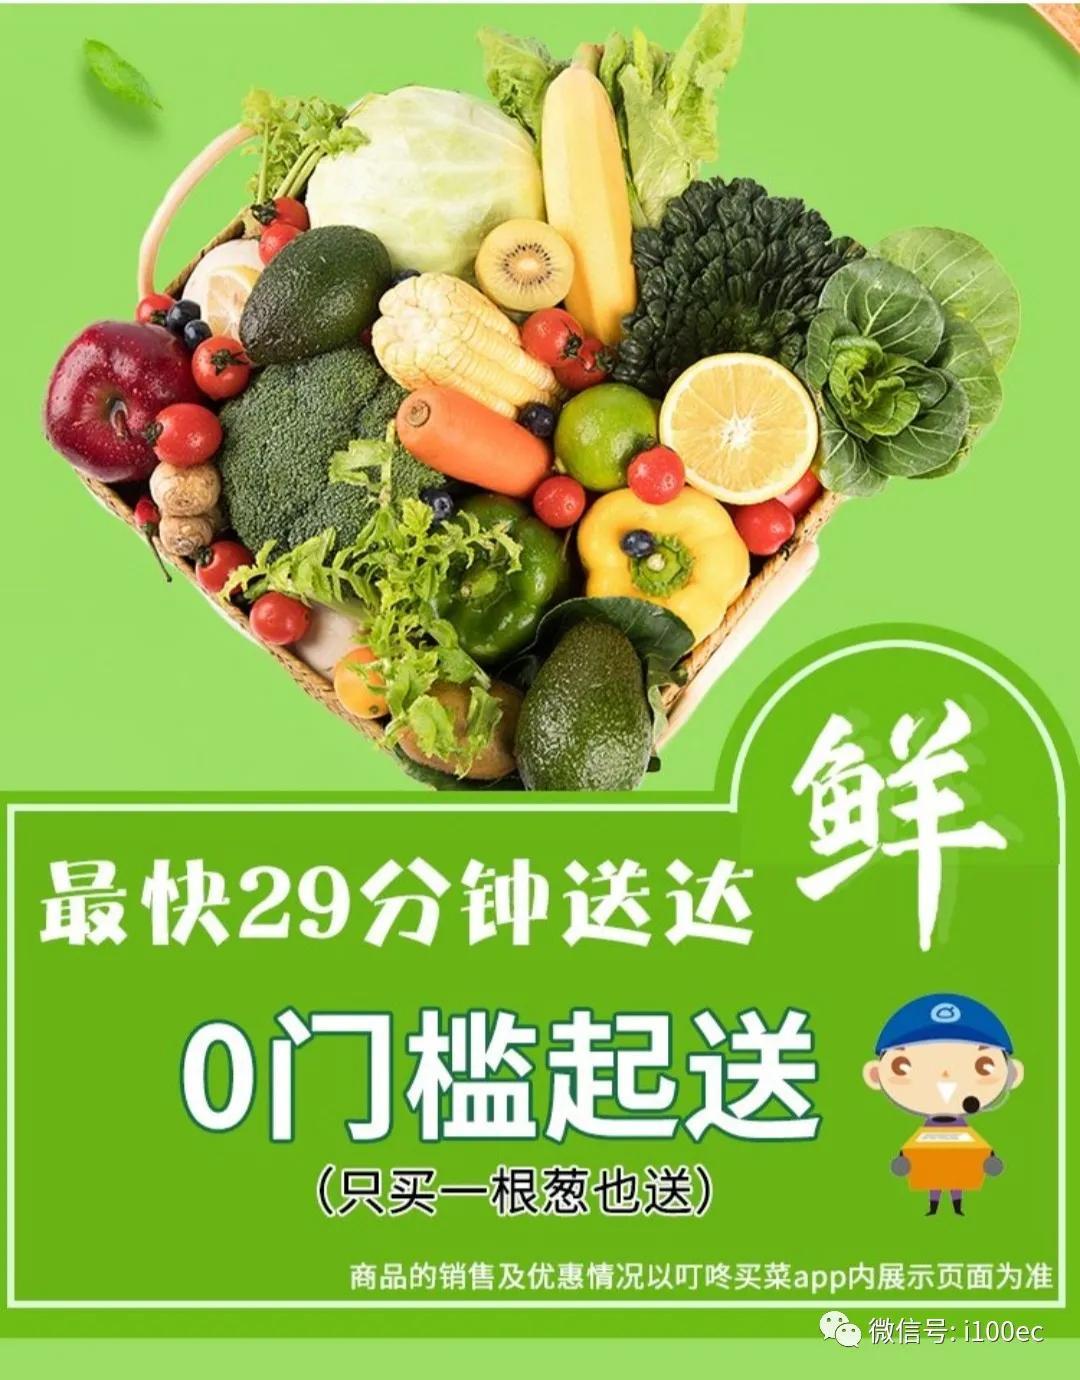 生鲜电商投诉数据报告 本来生活 叮咚买菜 每日优鲜 易果生鲜上榜